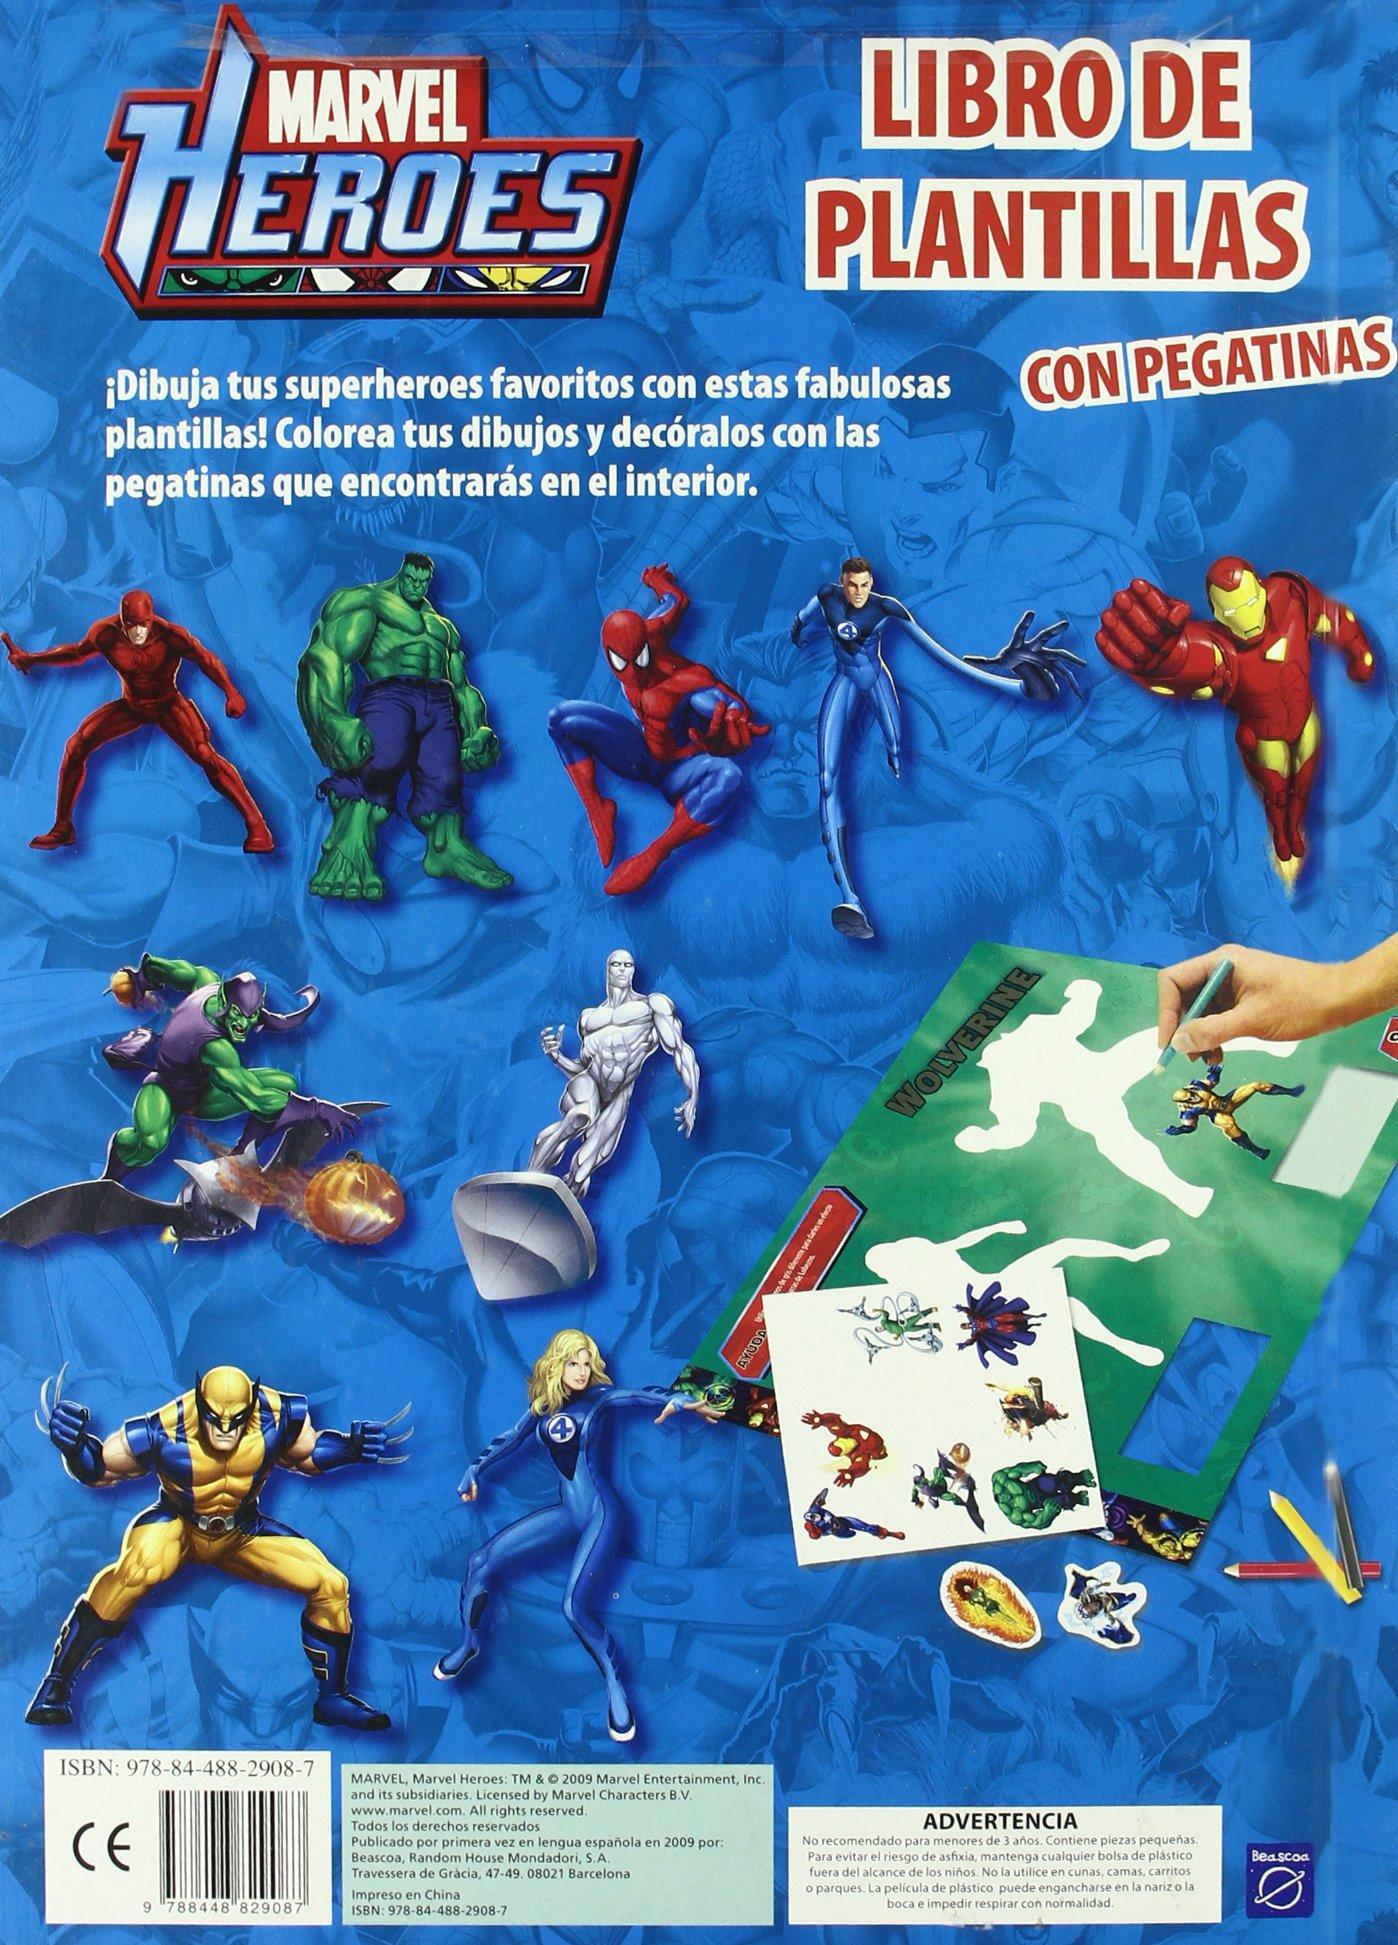 Marvel héroes: libro de plantillas con pegatinas.: Marvel: 9788448829087: Amazon.com: Books